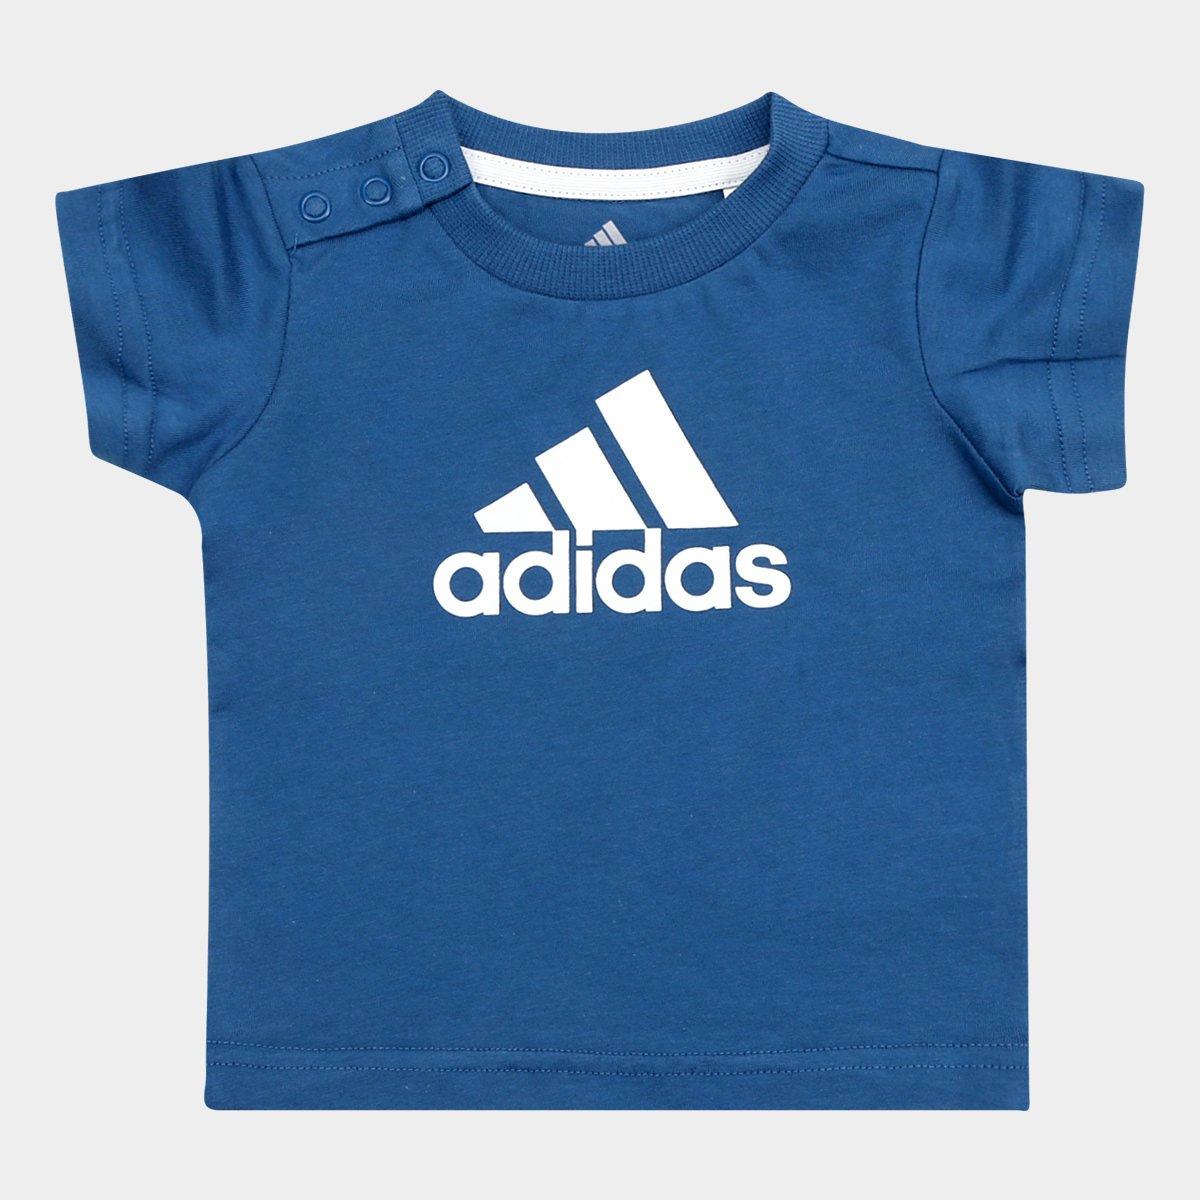 20b7e4c6001 Camiseta Infantil Adidas I Fav Tee Baby - Compre Agora